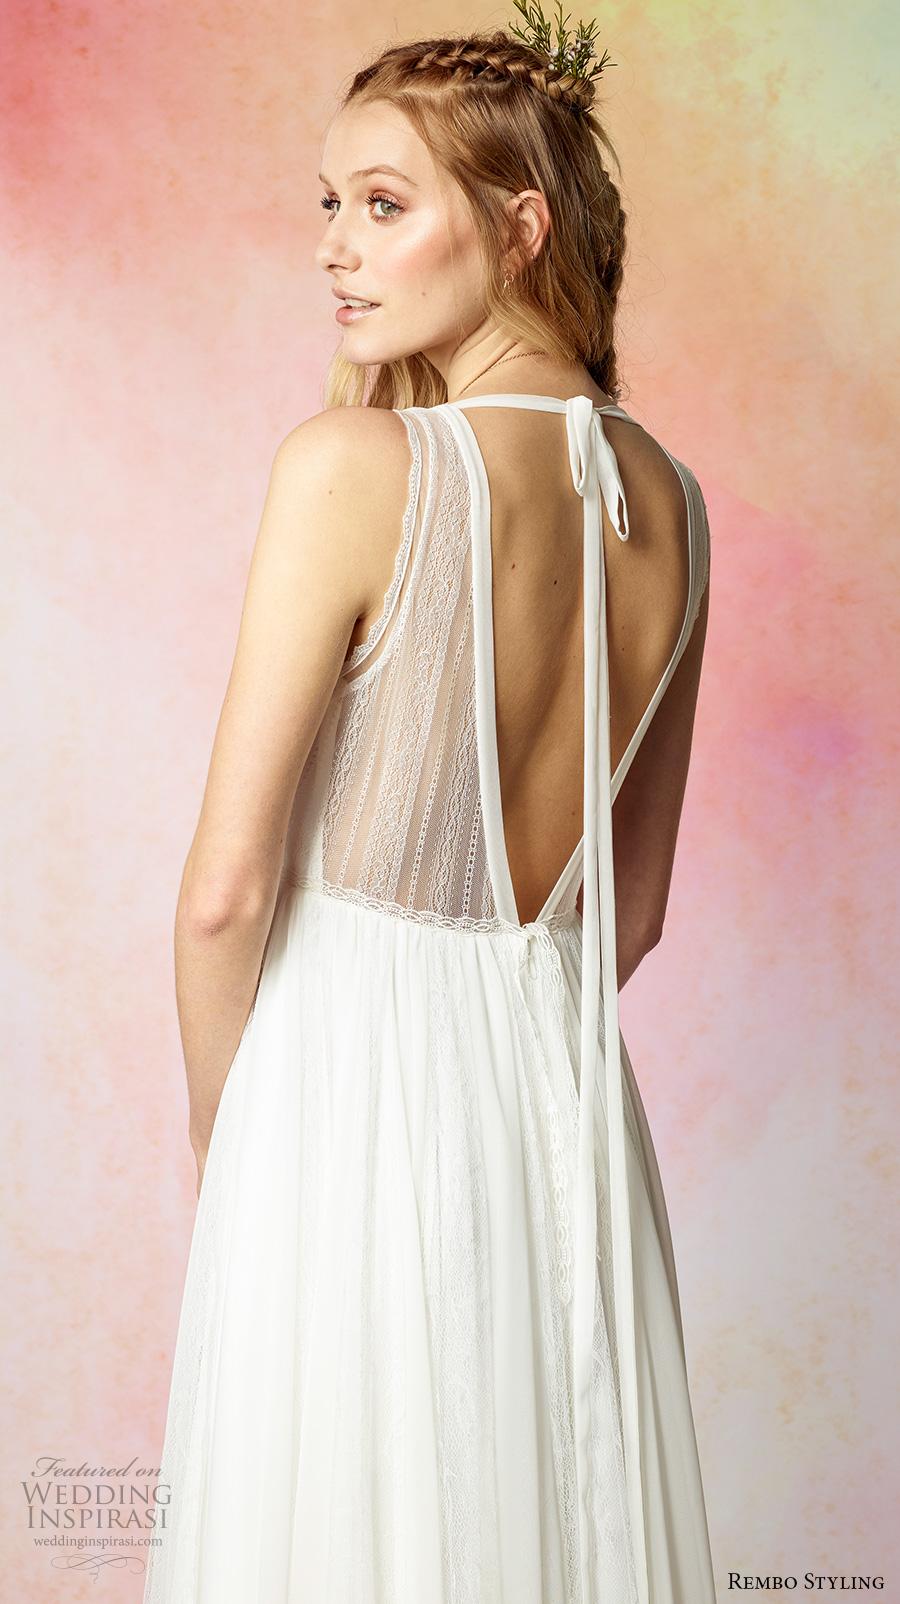 Lace Maternity Wedding Dress 31 Stunning rembo styling bridal sleeveless